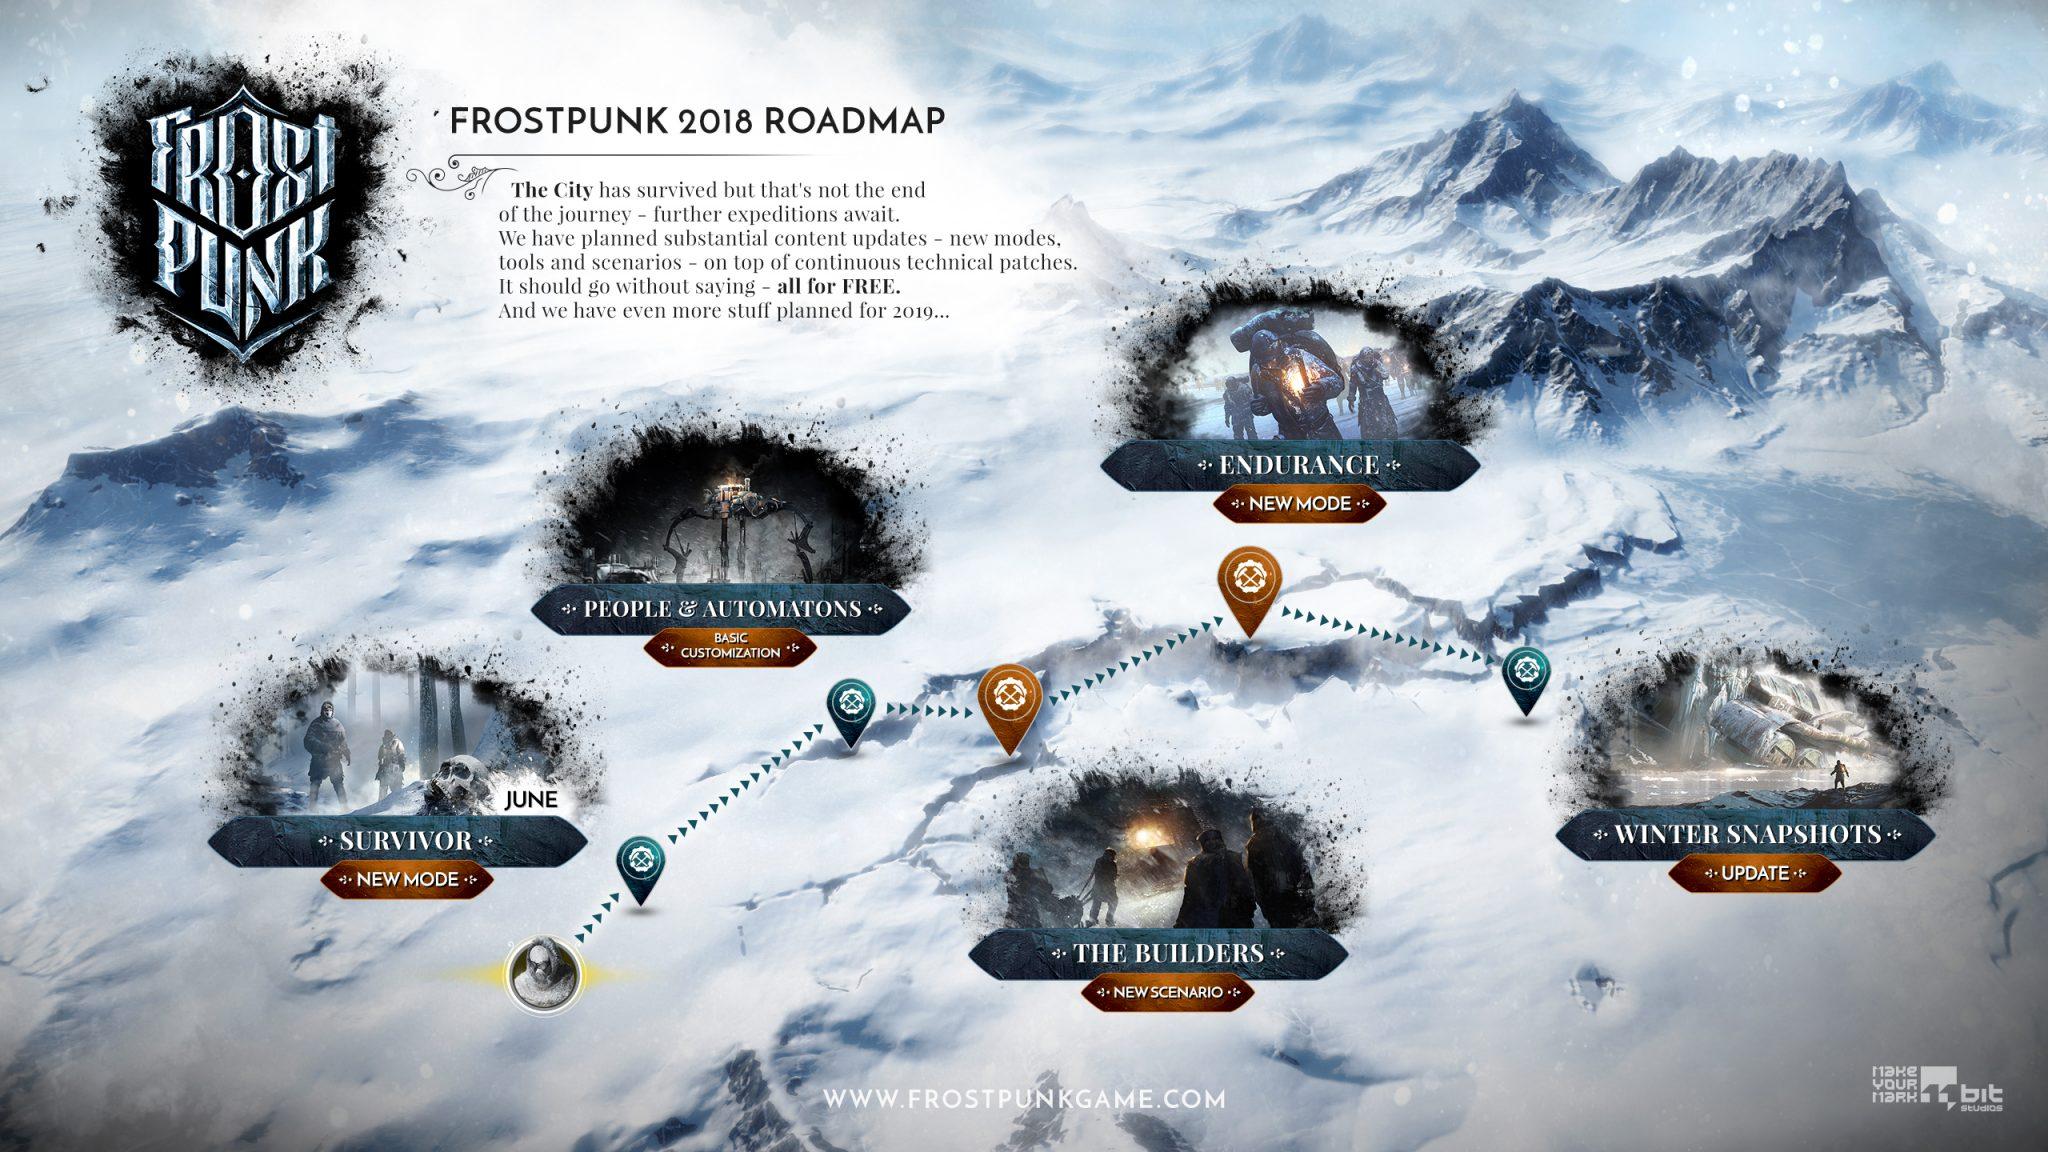 Frostpunk se v průběhu roku dočká nových režimů nebo scénáře Frostpunk Road Map